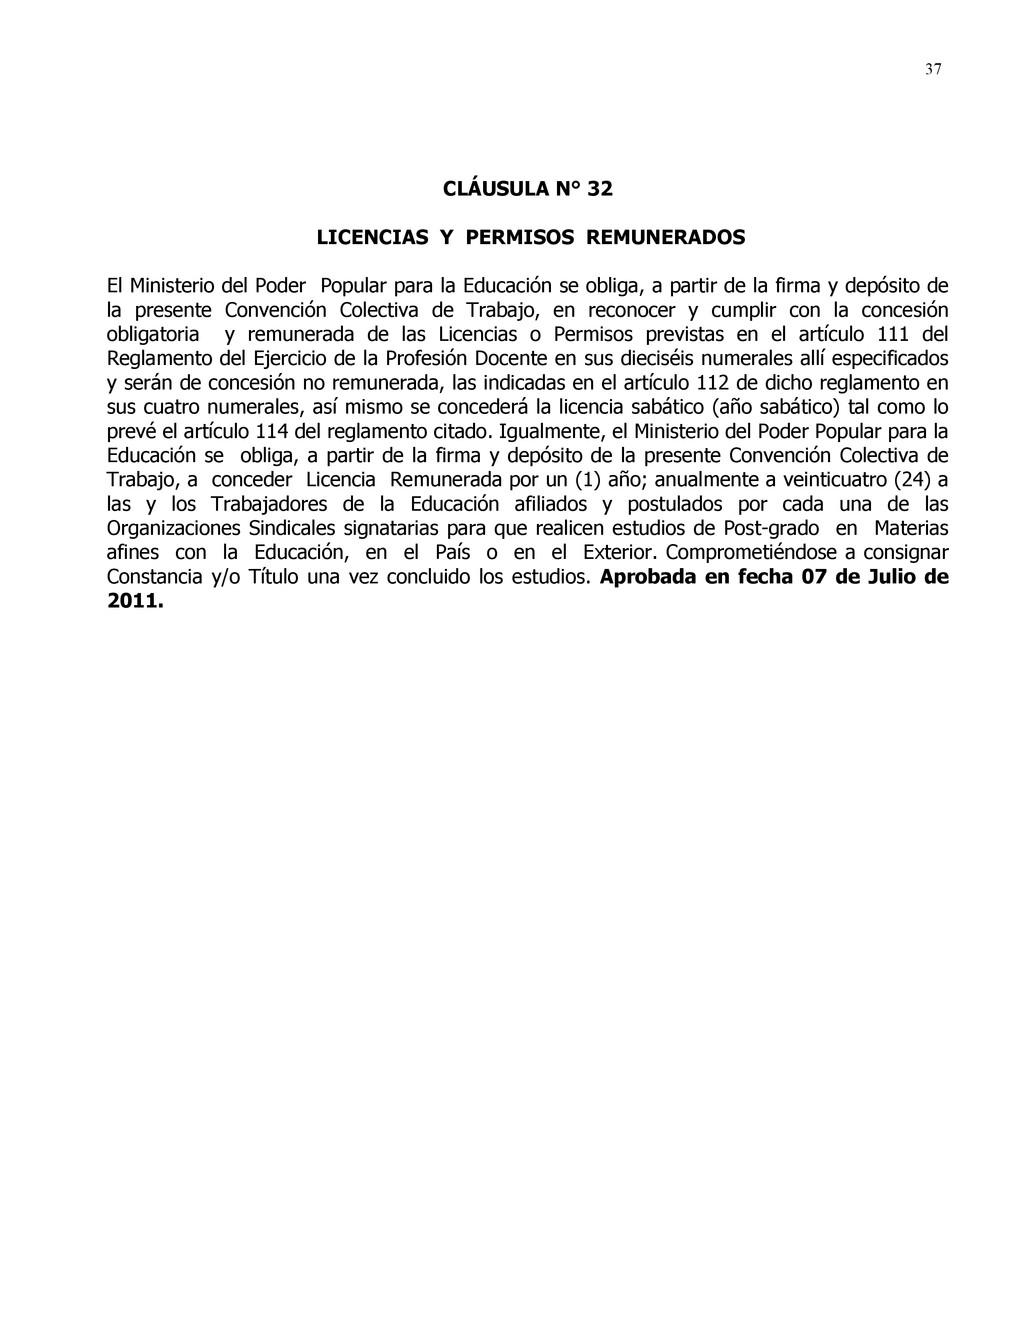 37 CLÁUSULA N° 32 LICENCIAS Y PERMISOS REMUNERA...